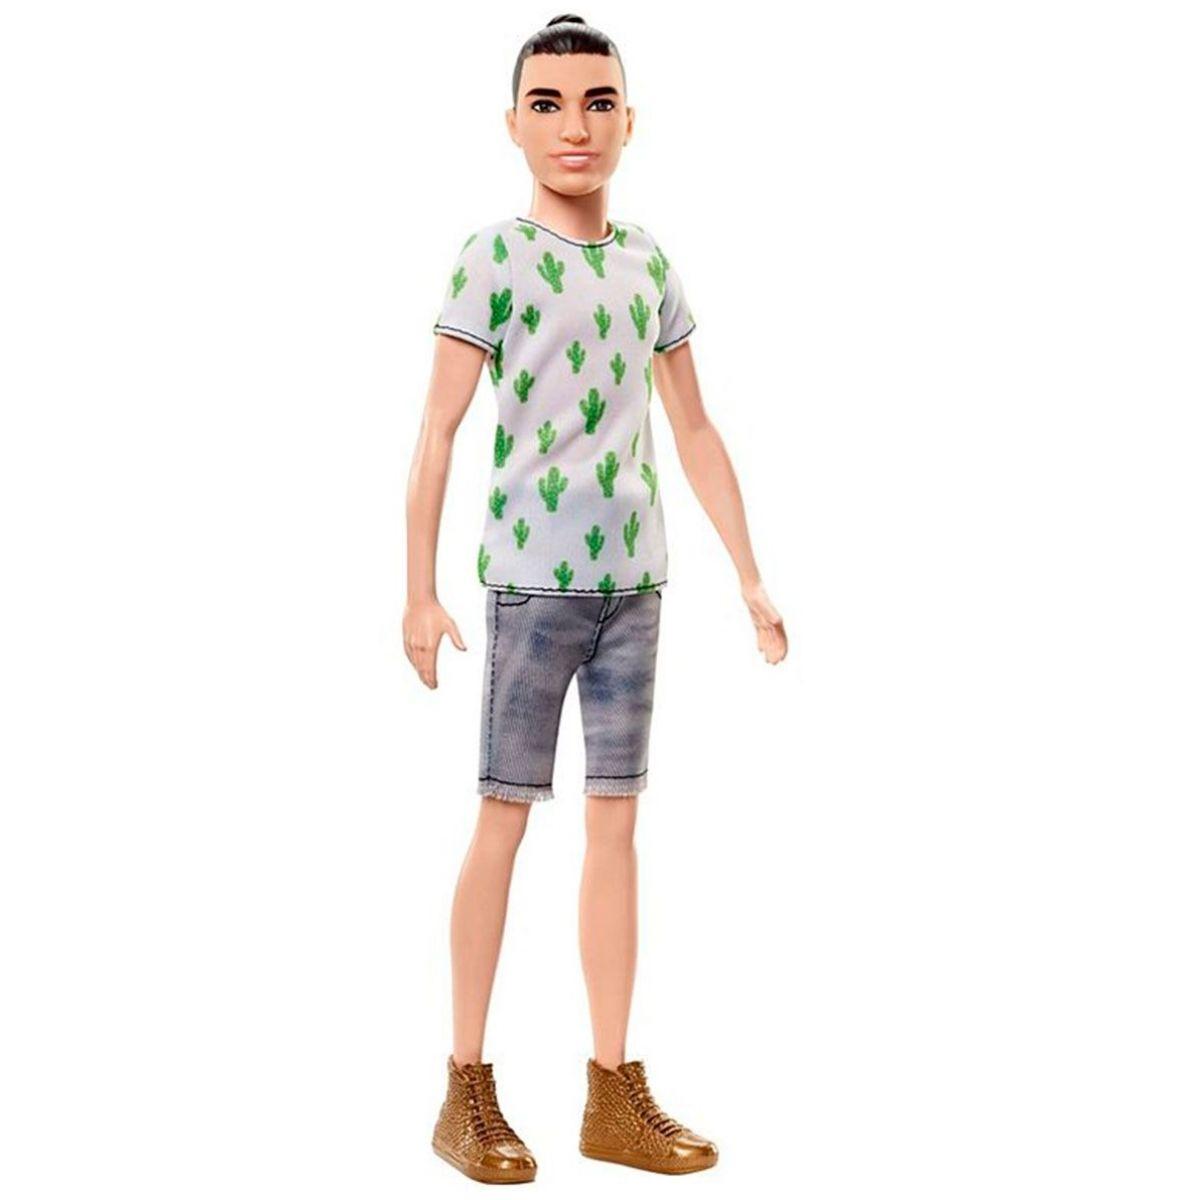 Mattel Model Ken 16